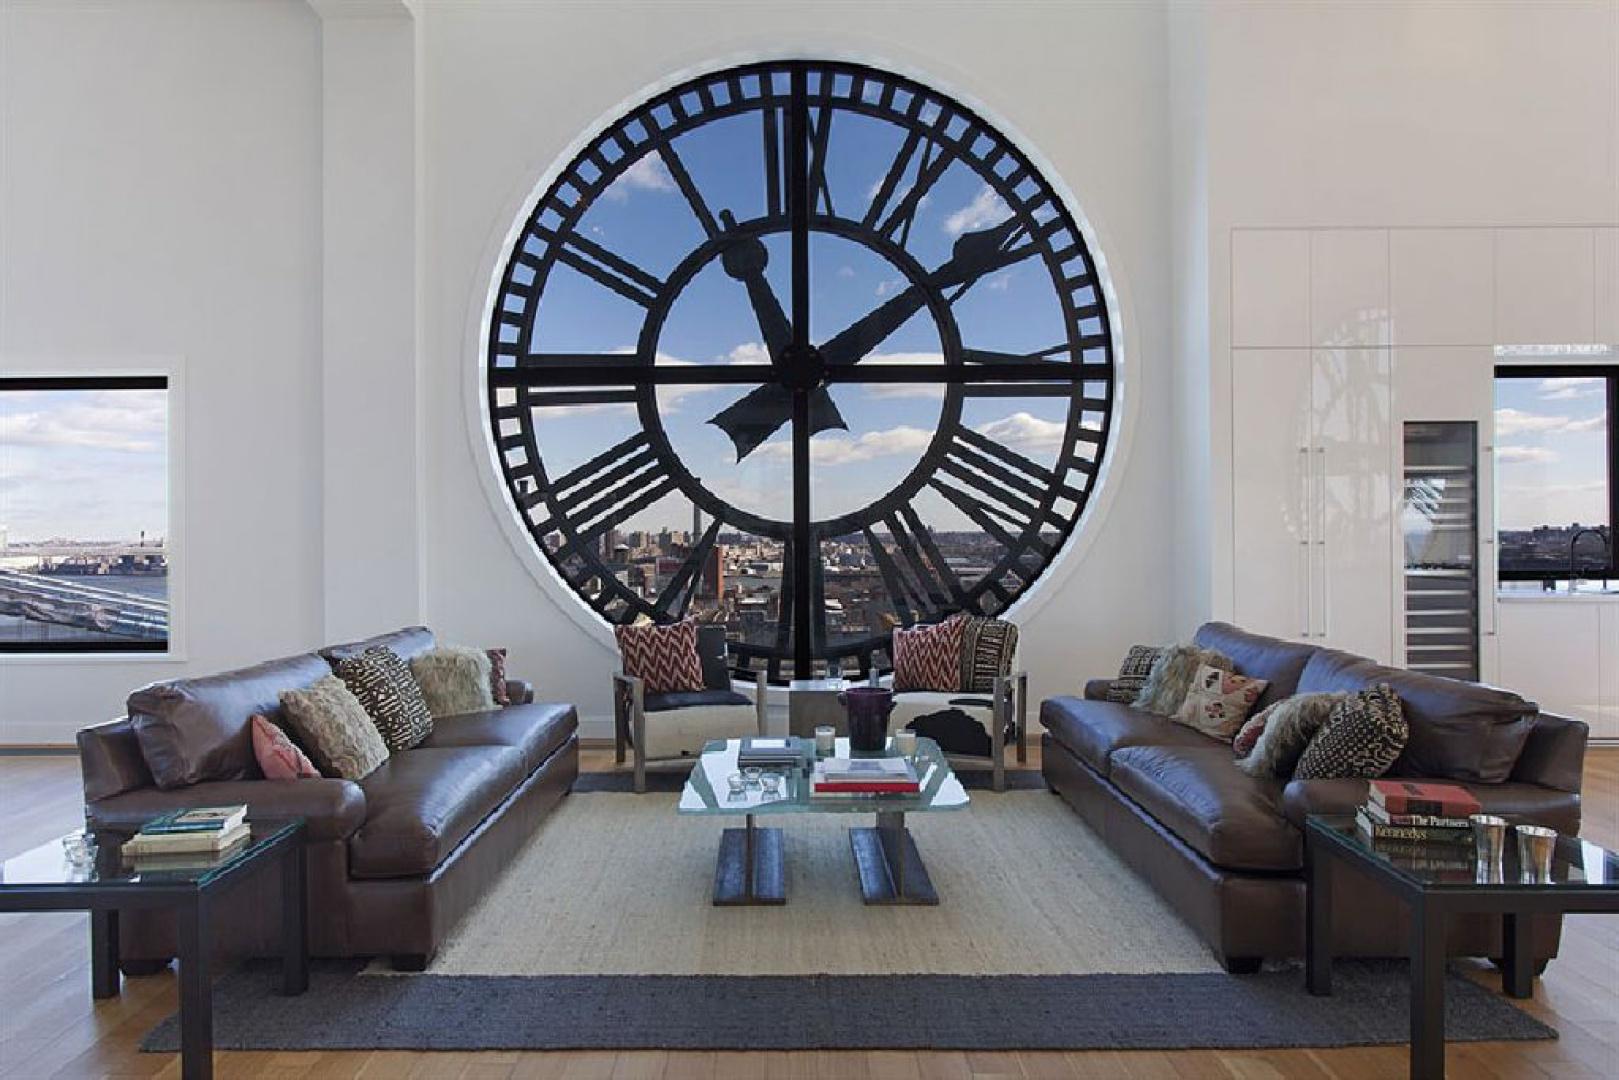 Dominujący element wnętrza - 4-metrowy przeszklony zegar, jeden z czterech znajdujących się w tym apartamencie. Fot. Corcoran.com.